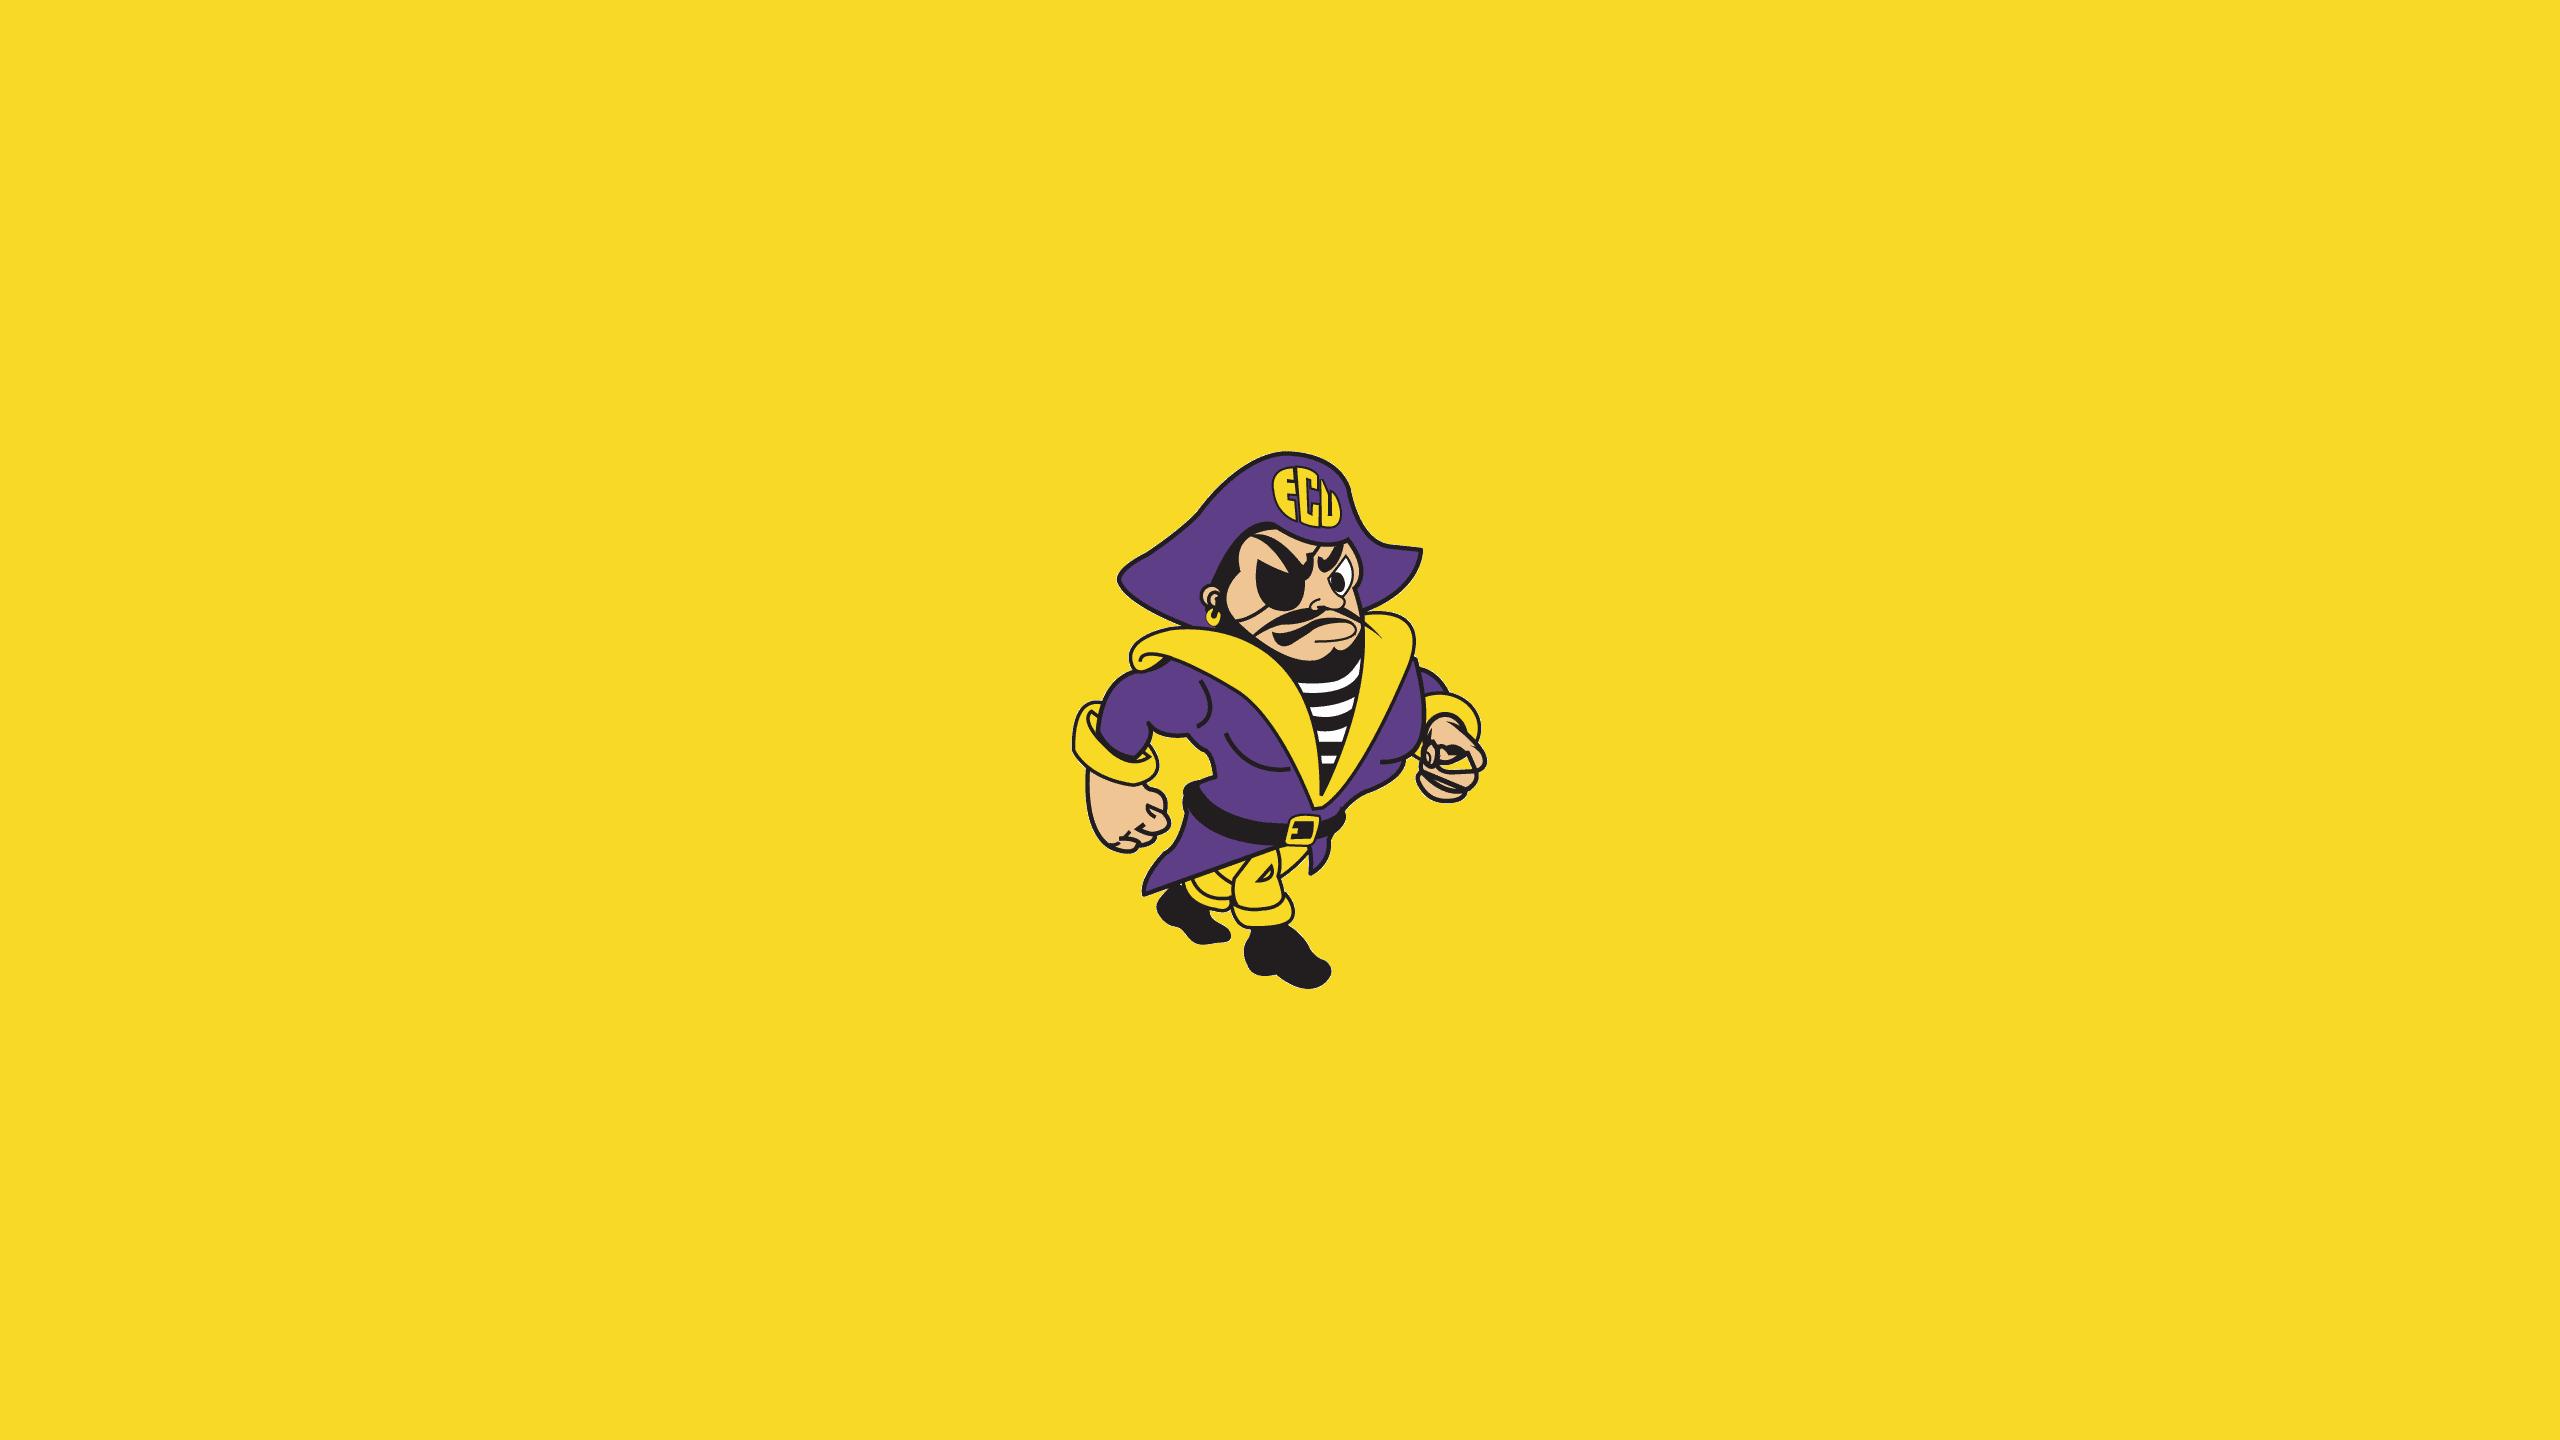 East Carolina University Pirates